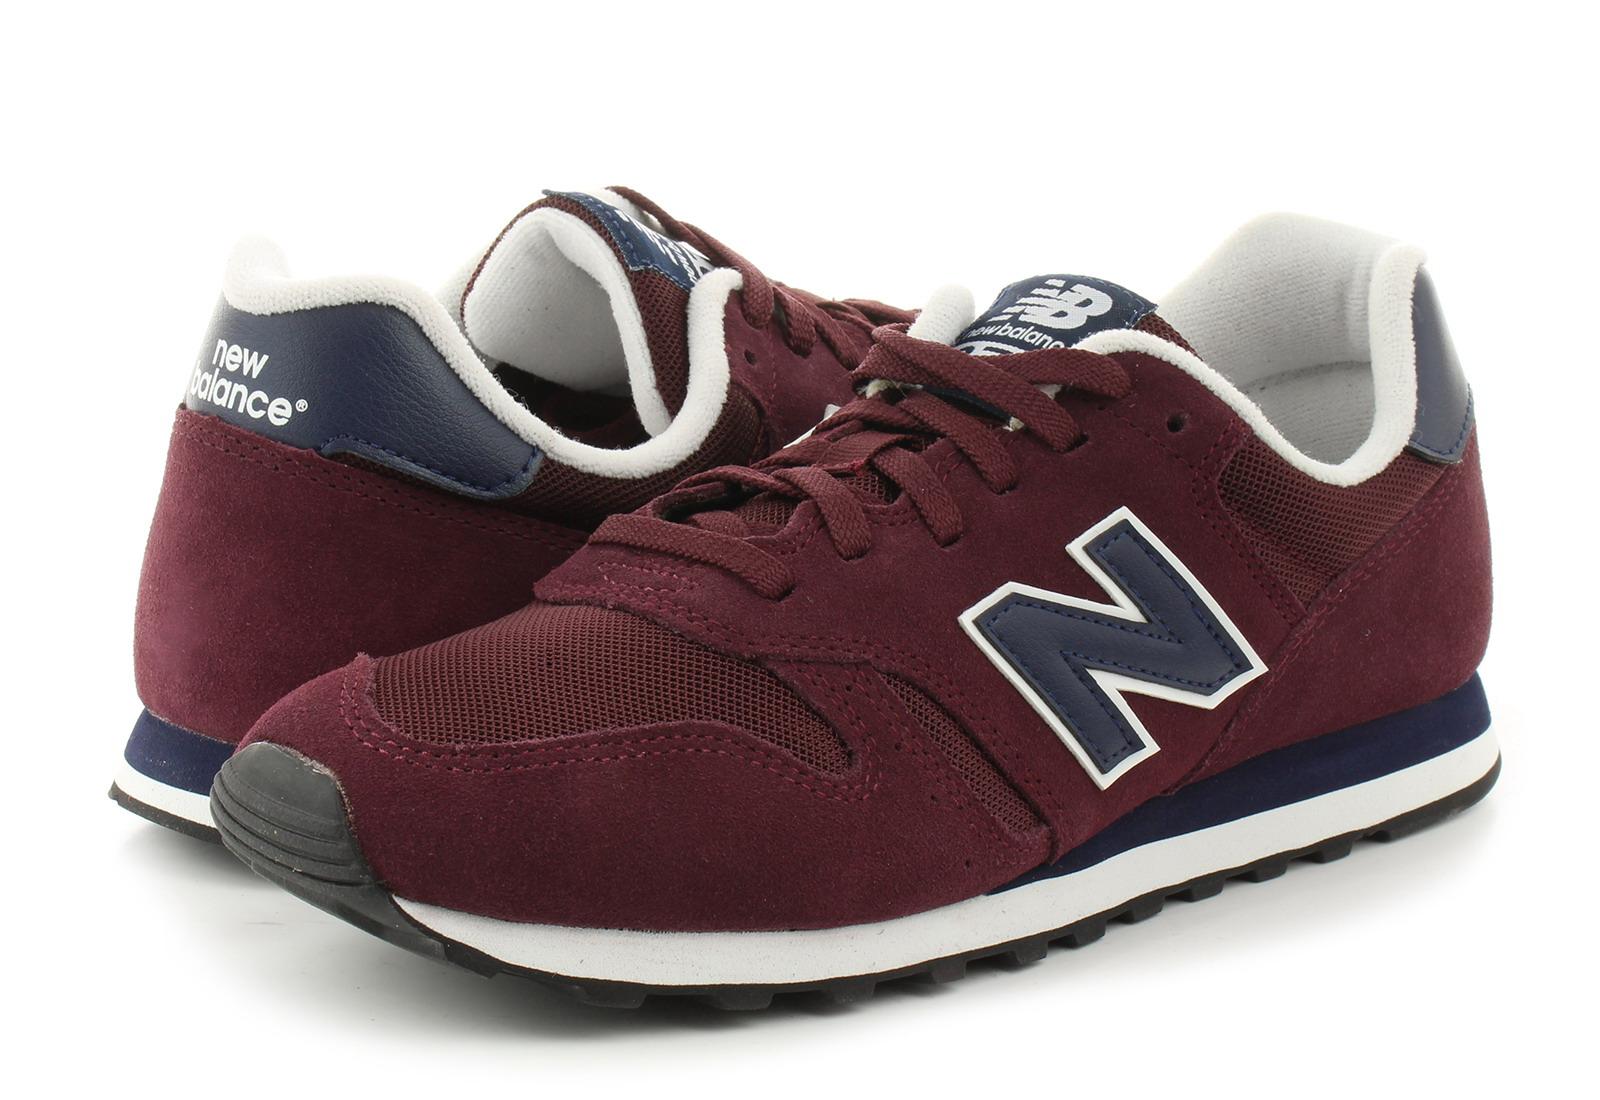 837bb6e635 New Balance Cipő - Ml373 - ML373PBG - Office Shoes Magyarország